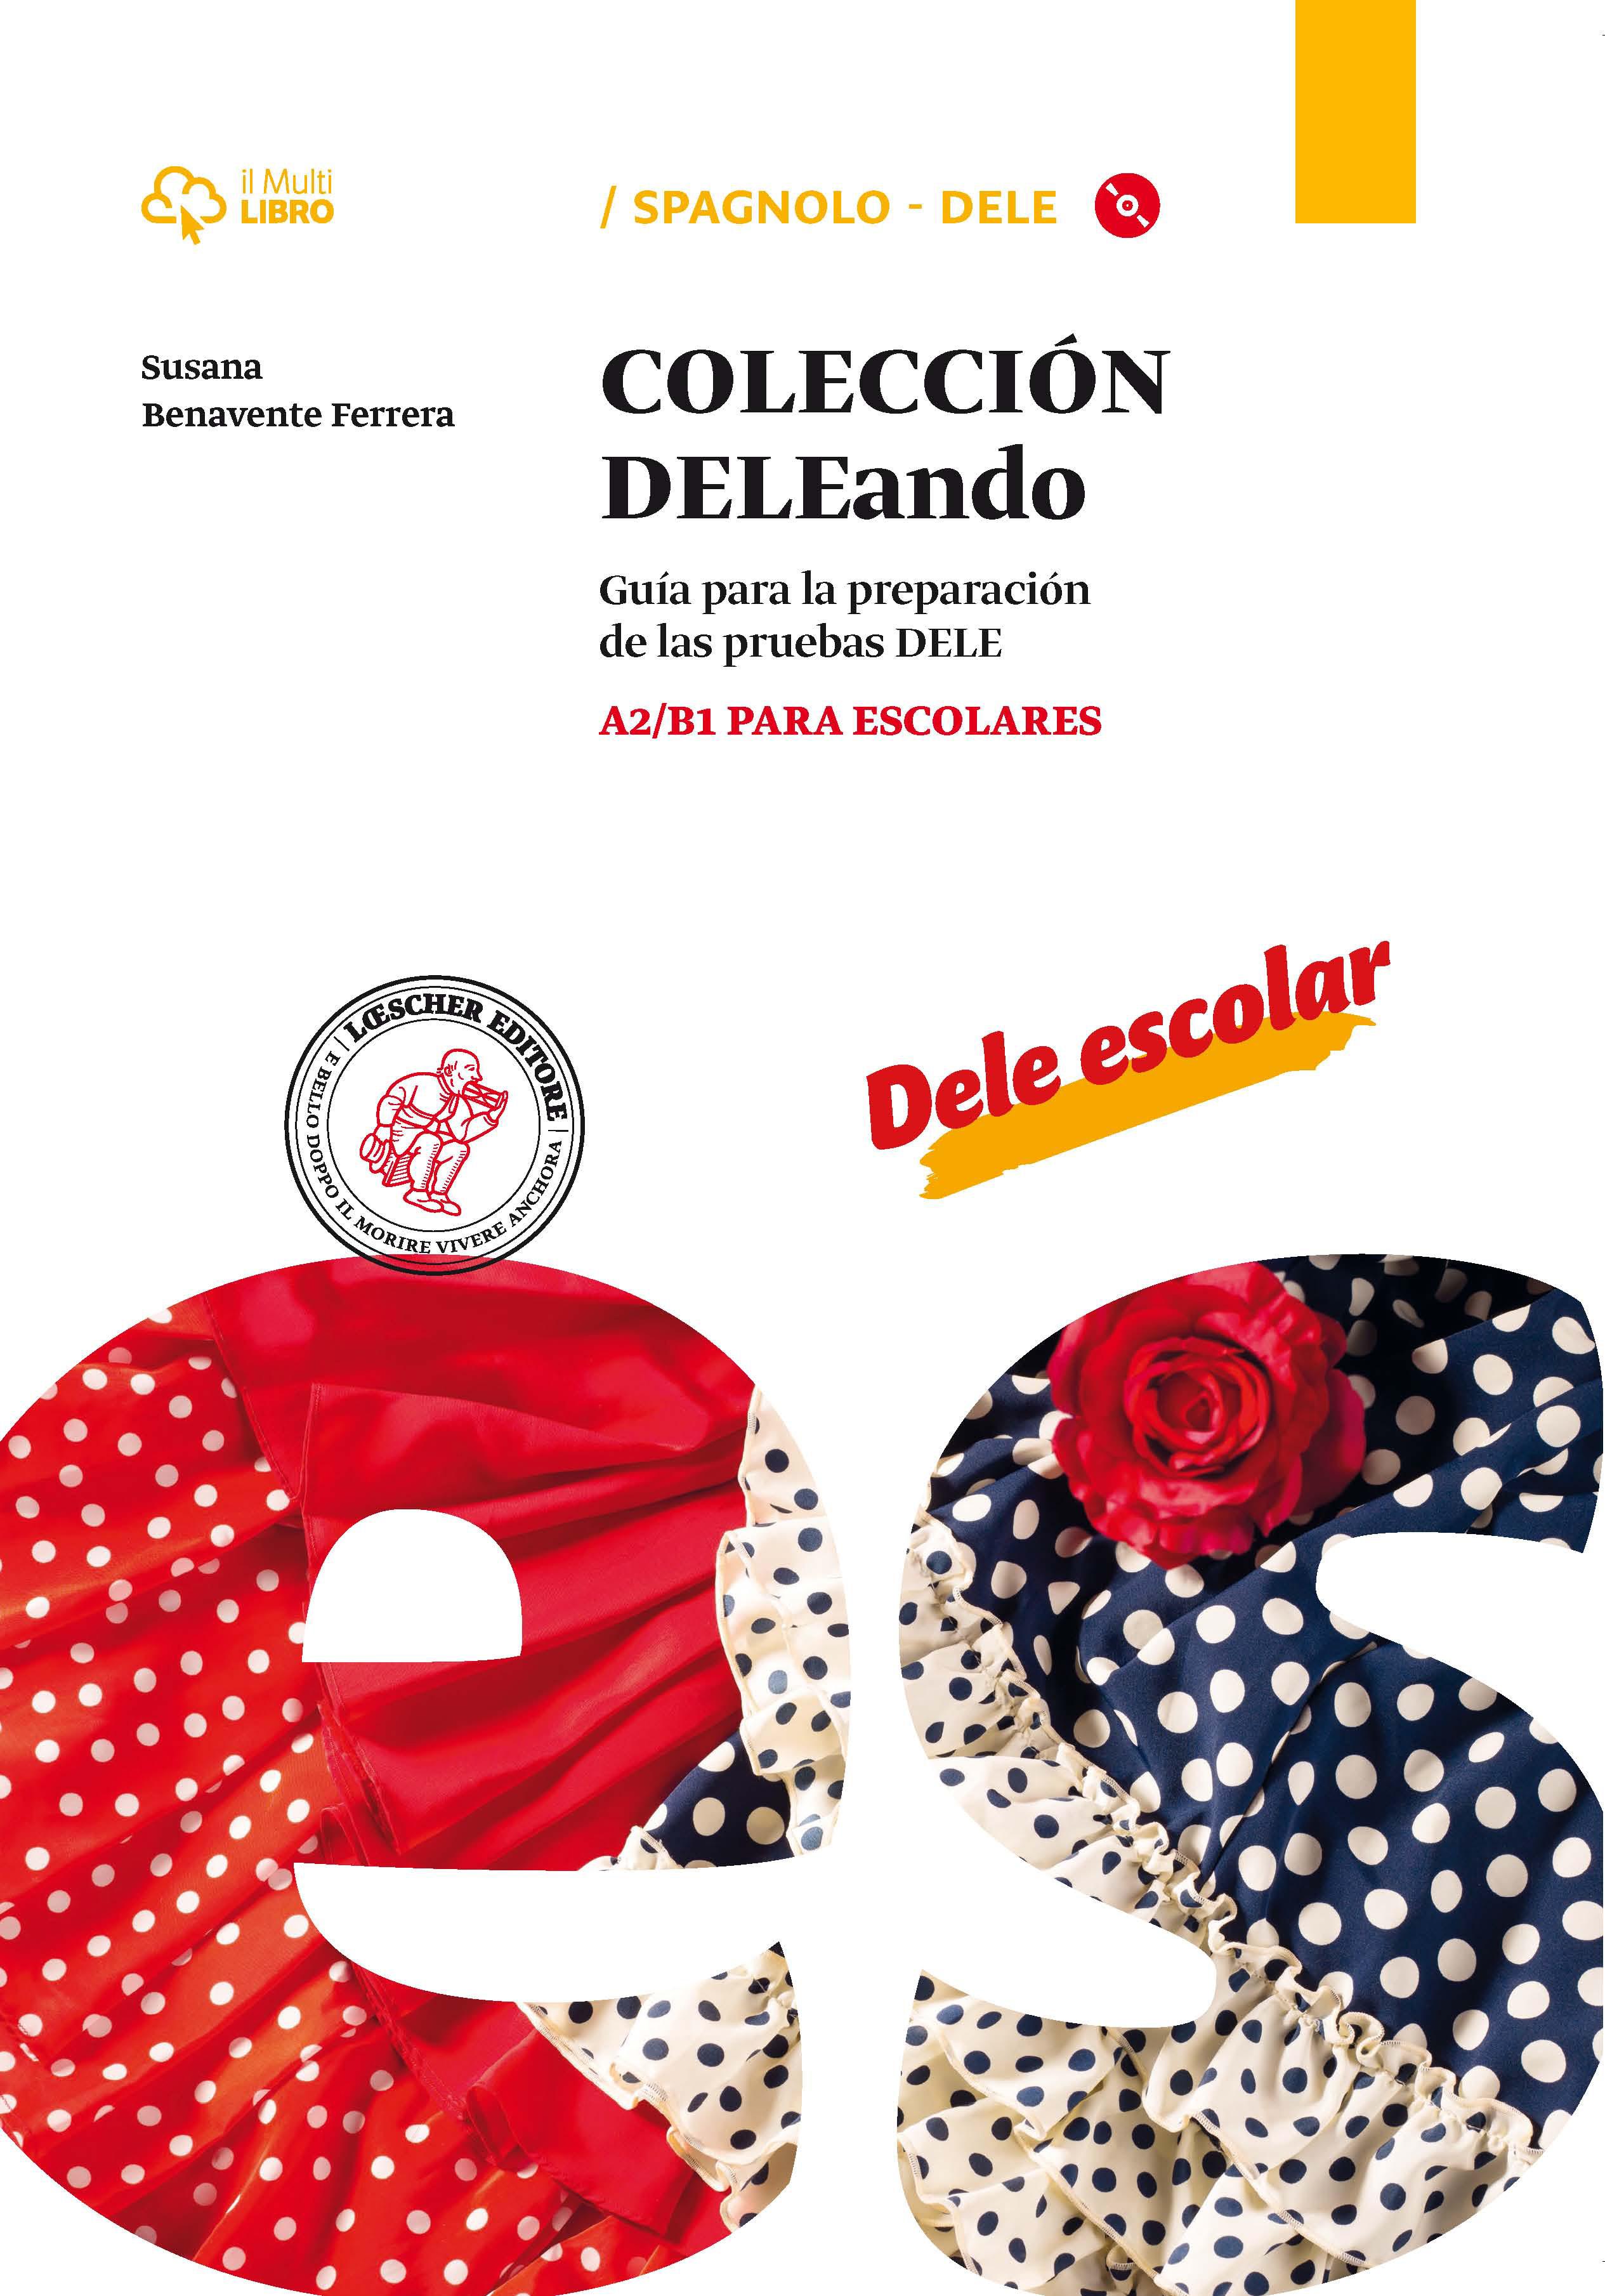 Colección DELEando - A2/B1 para escolares